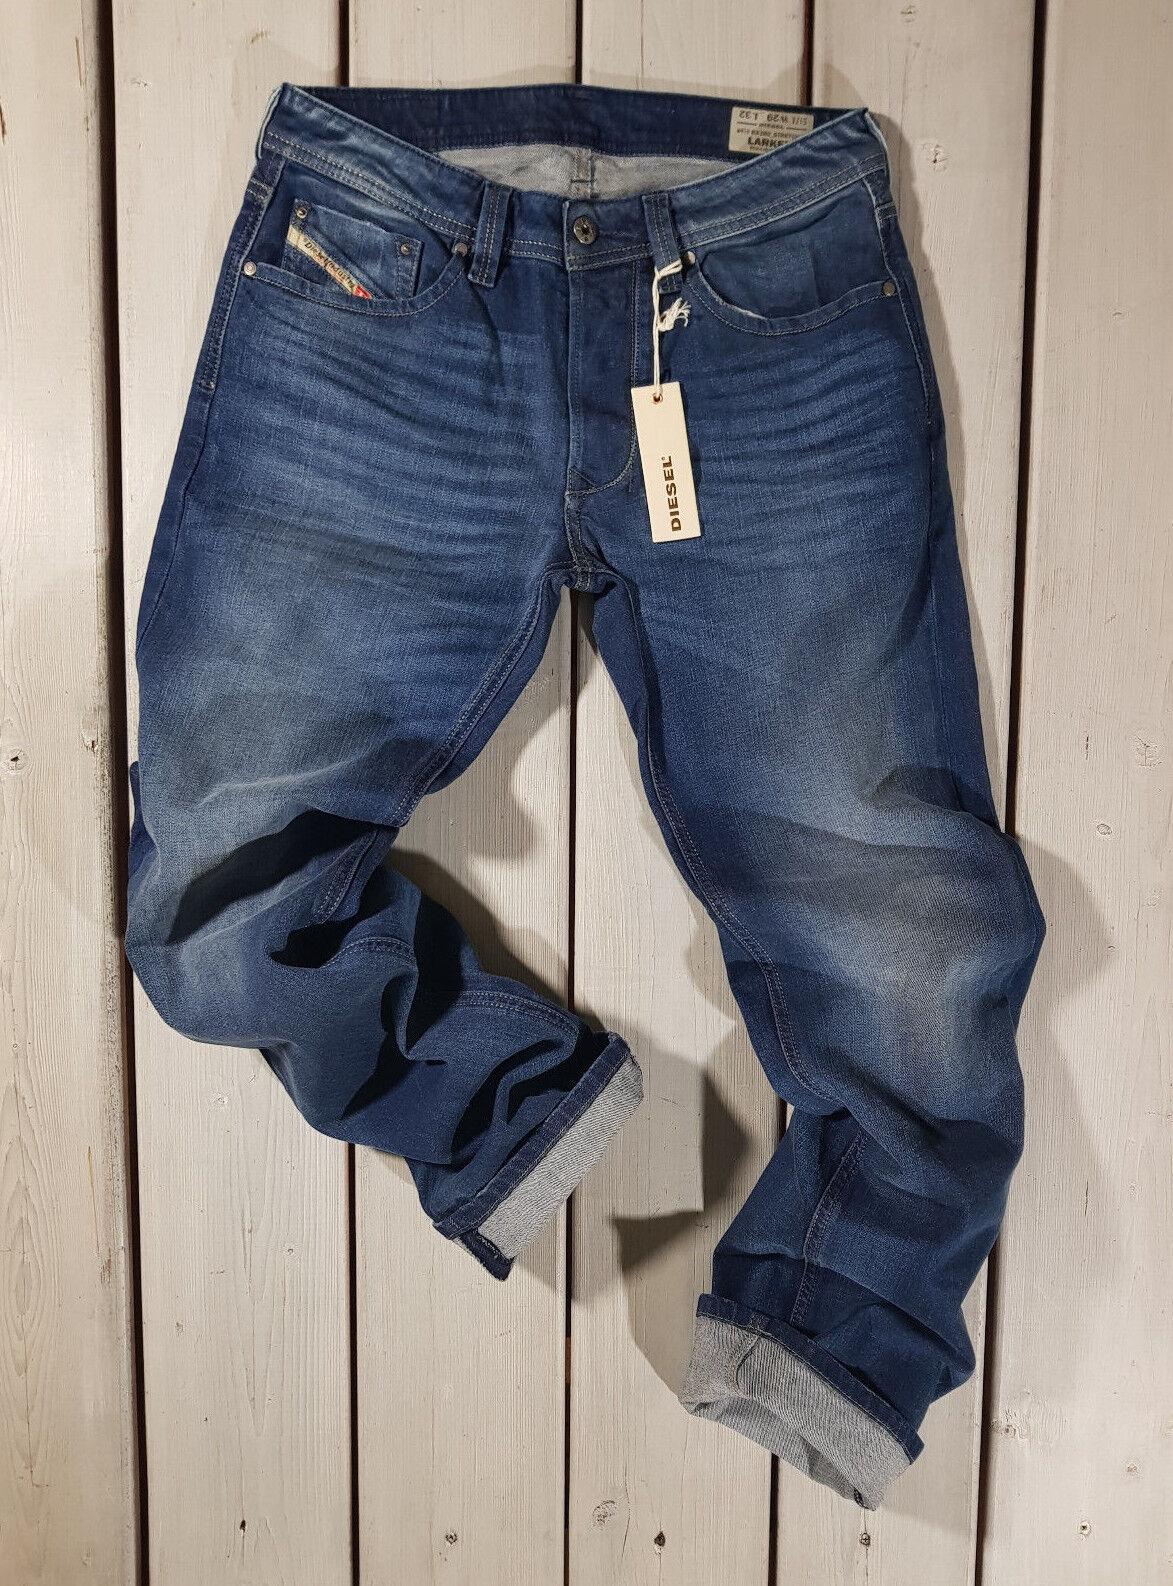 estilo limitado seleccione para genuino grande descuento venta Nuevo Jeans de Hombre Diesel Larkee RX380 Azul Regulares ...